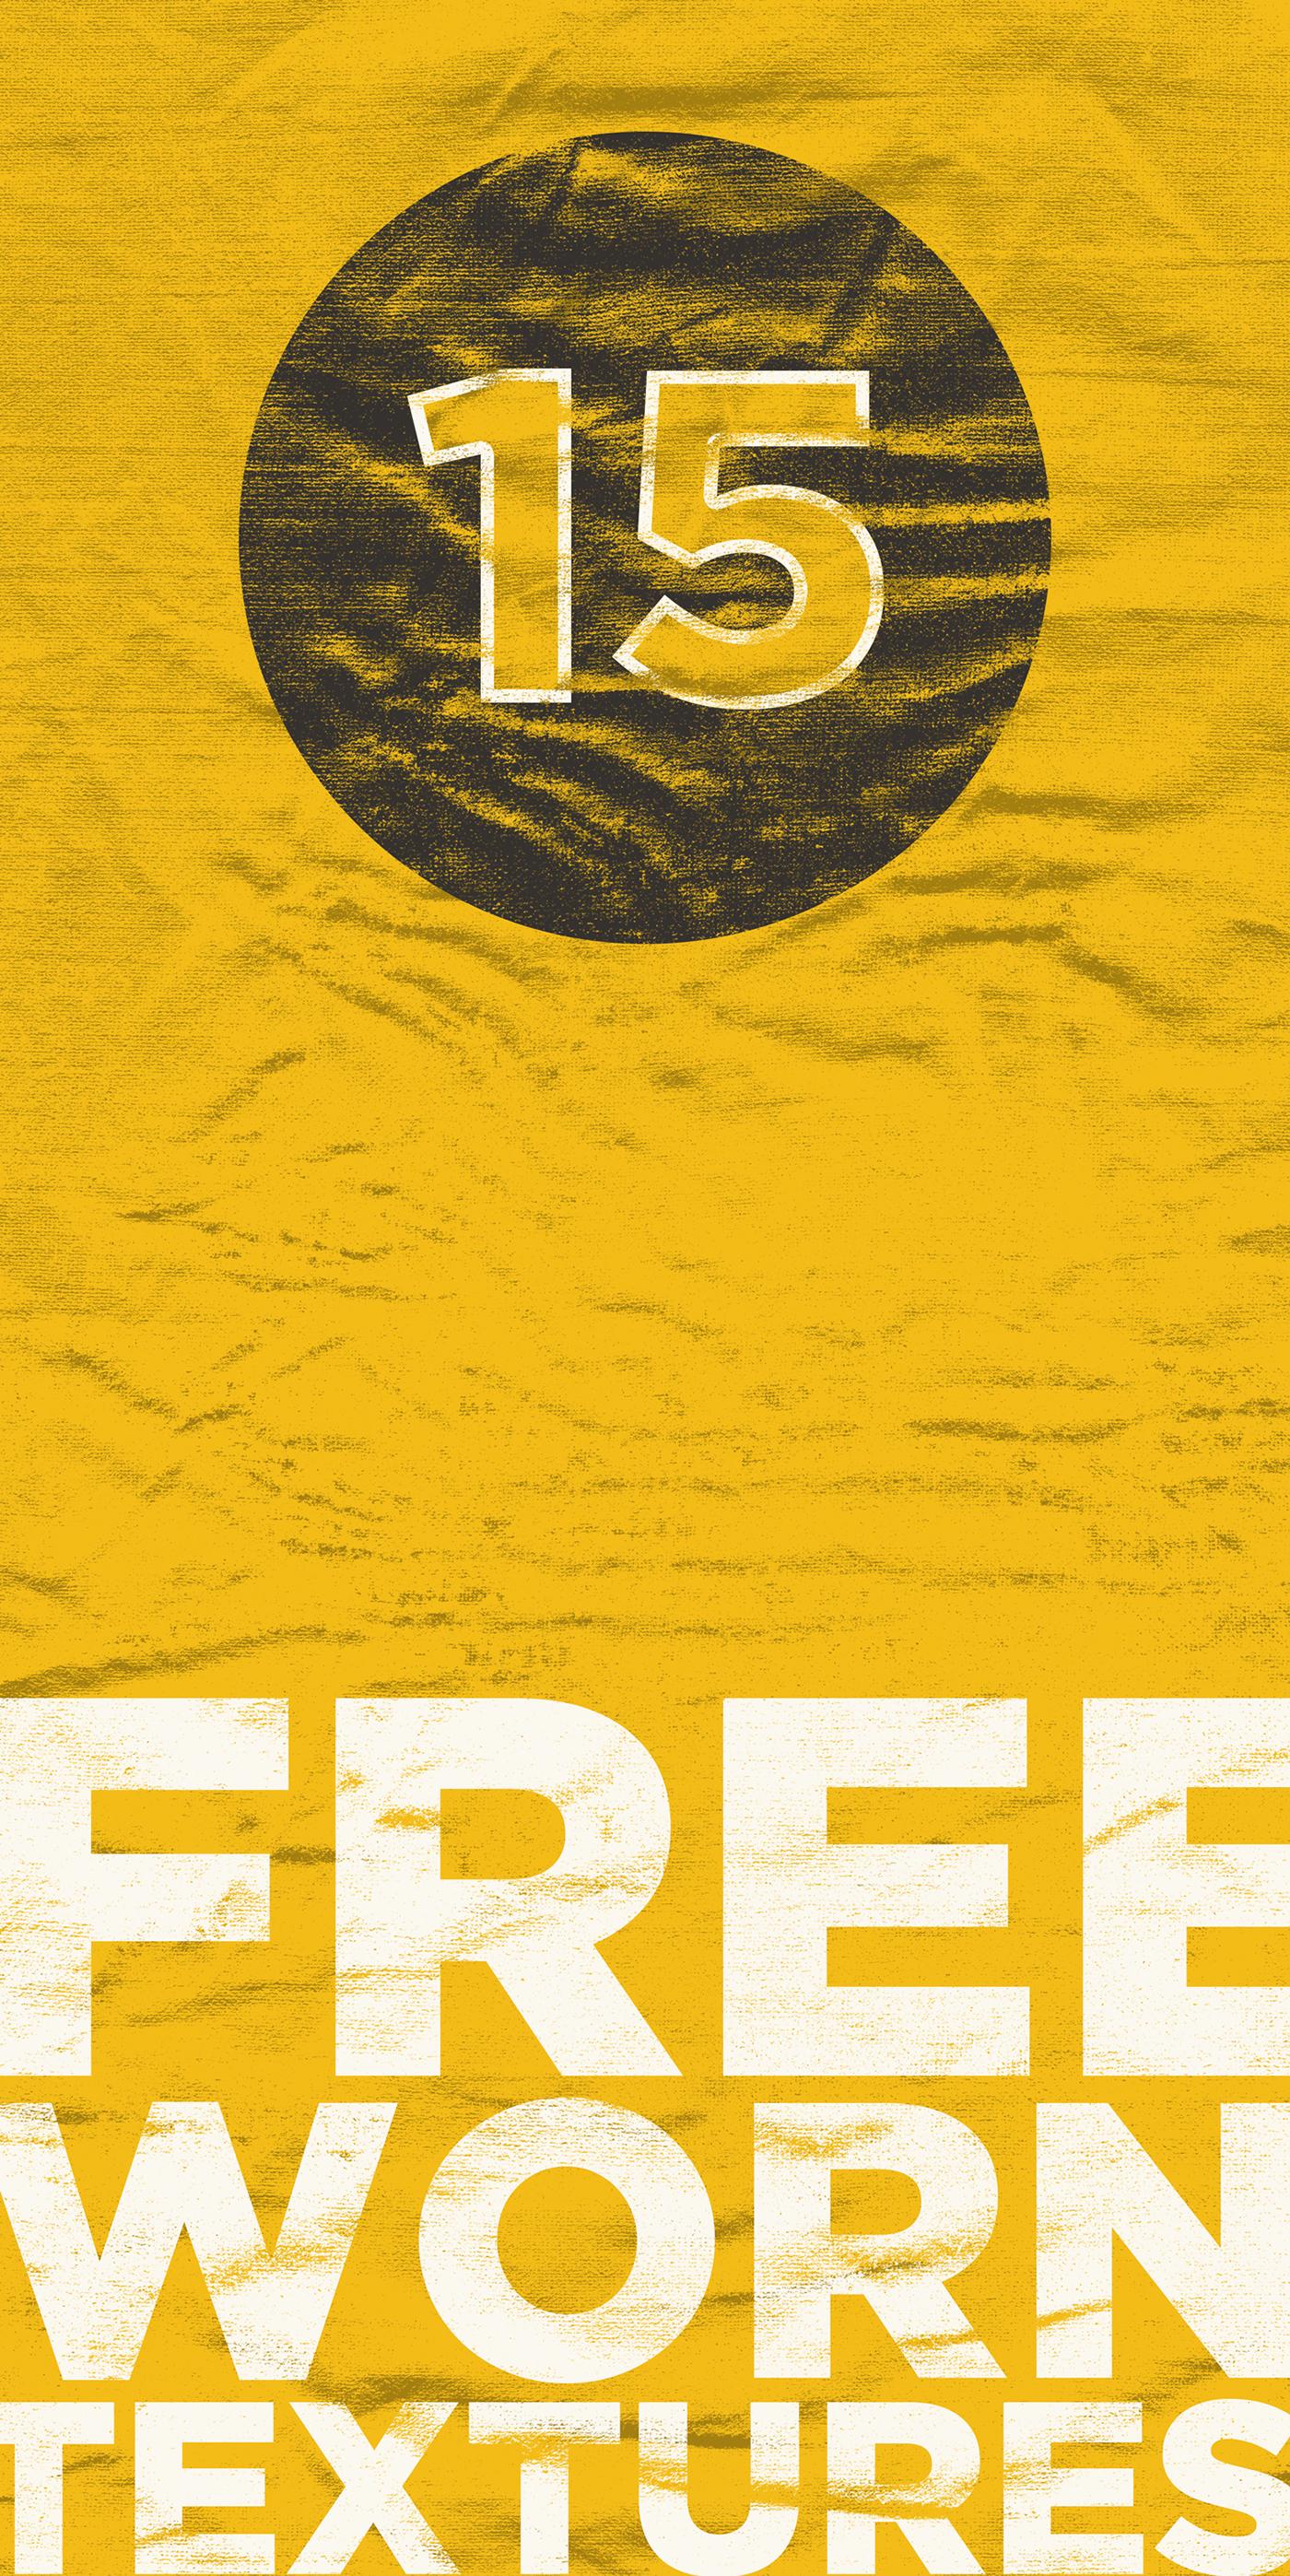 free,freebie,textures,grain,grunge,worn,cloth,Denim,vintage,Retro